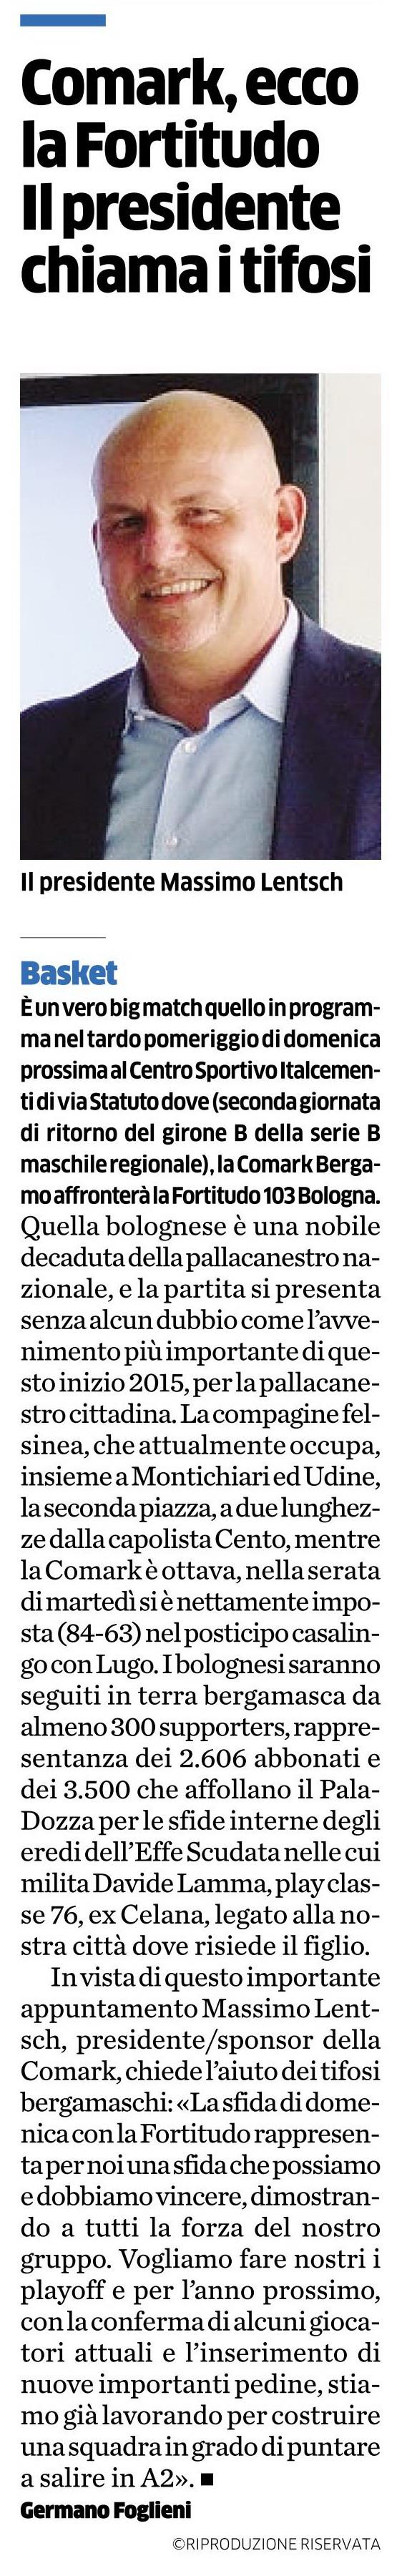 Eco di Bergamo 15012015